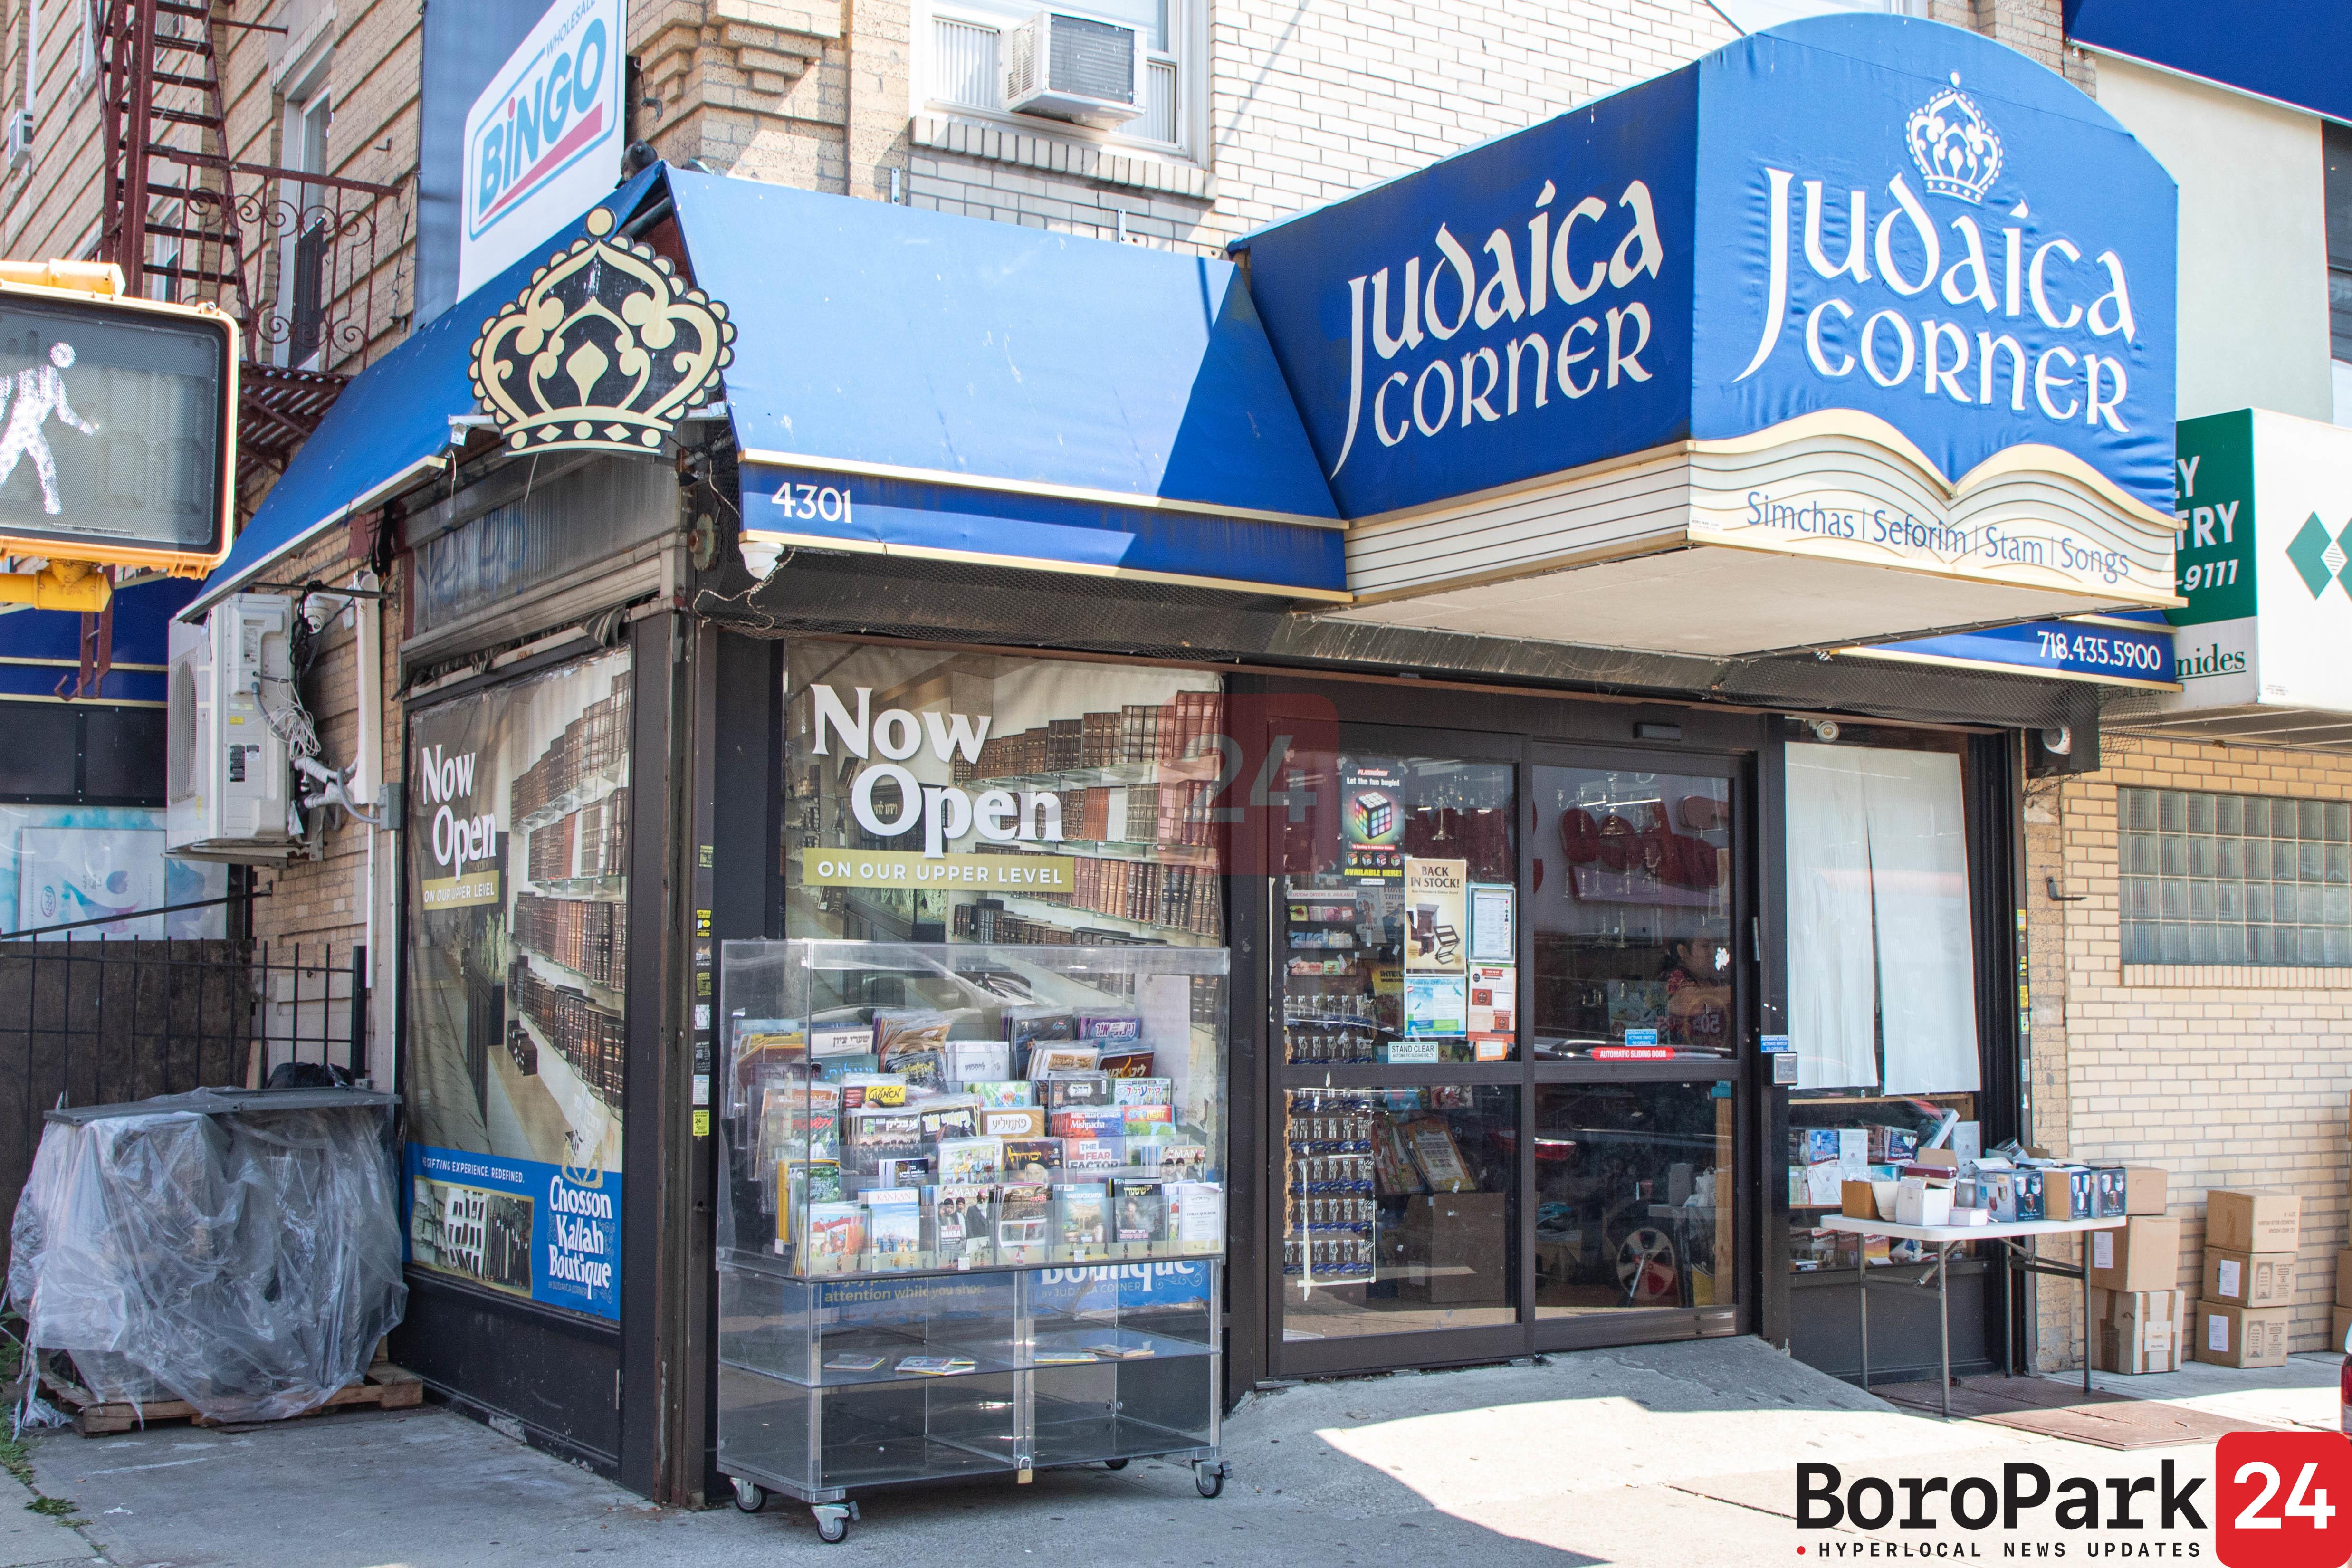 Boro Park Snapshot:  Judaica Corner